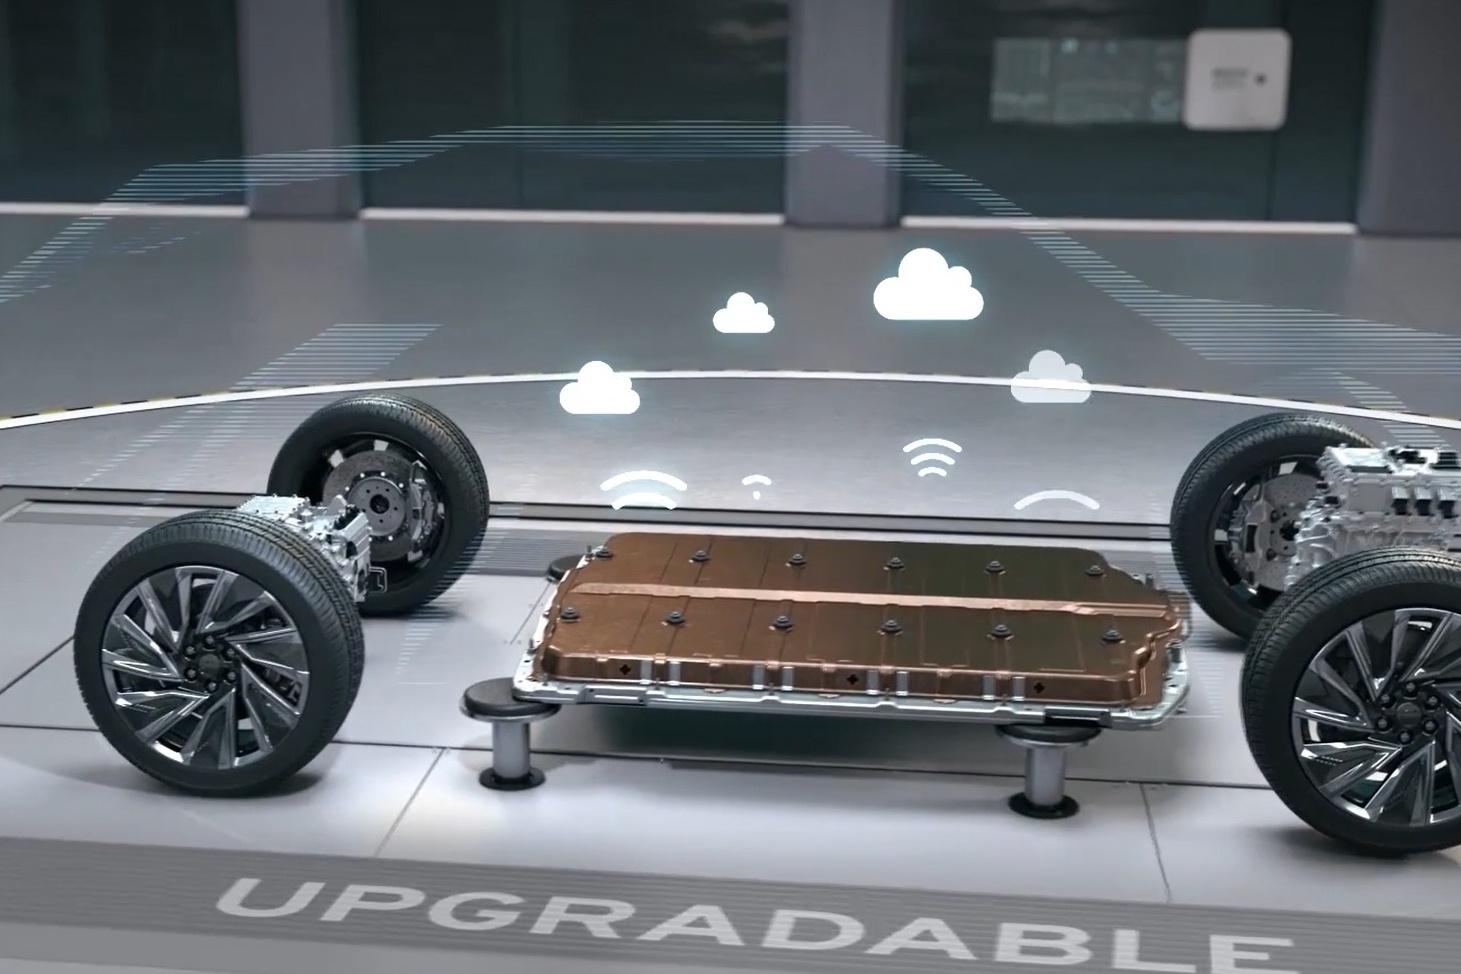 无线电池管理系统 能减少零件减轻车重